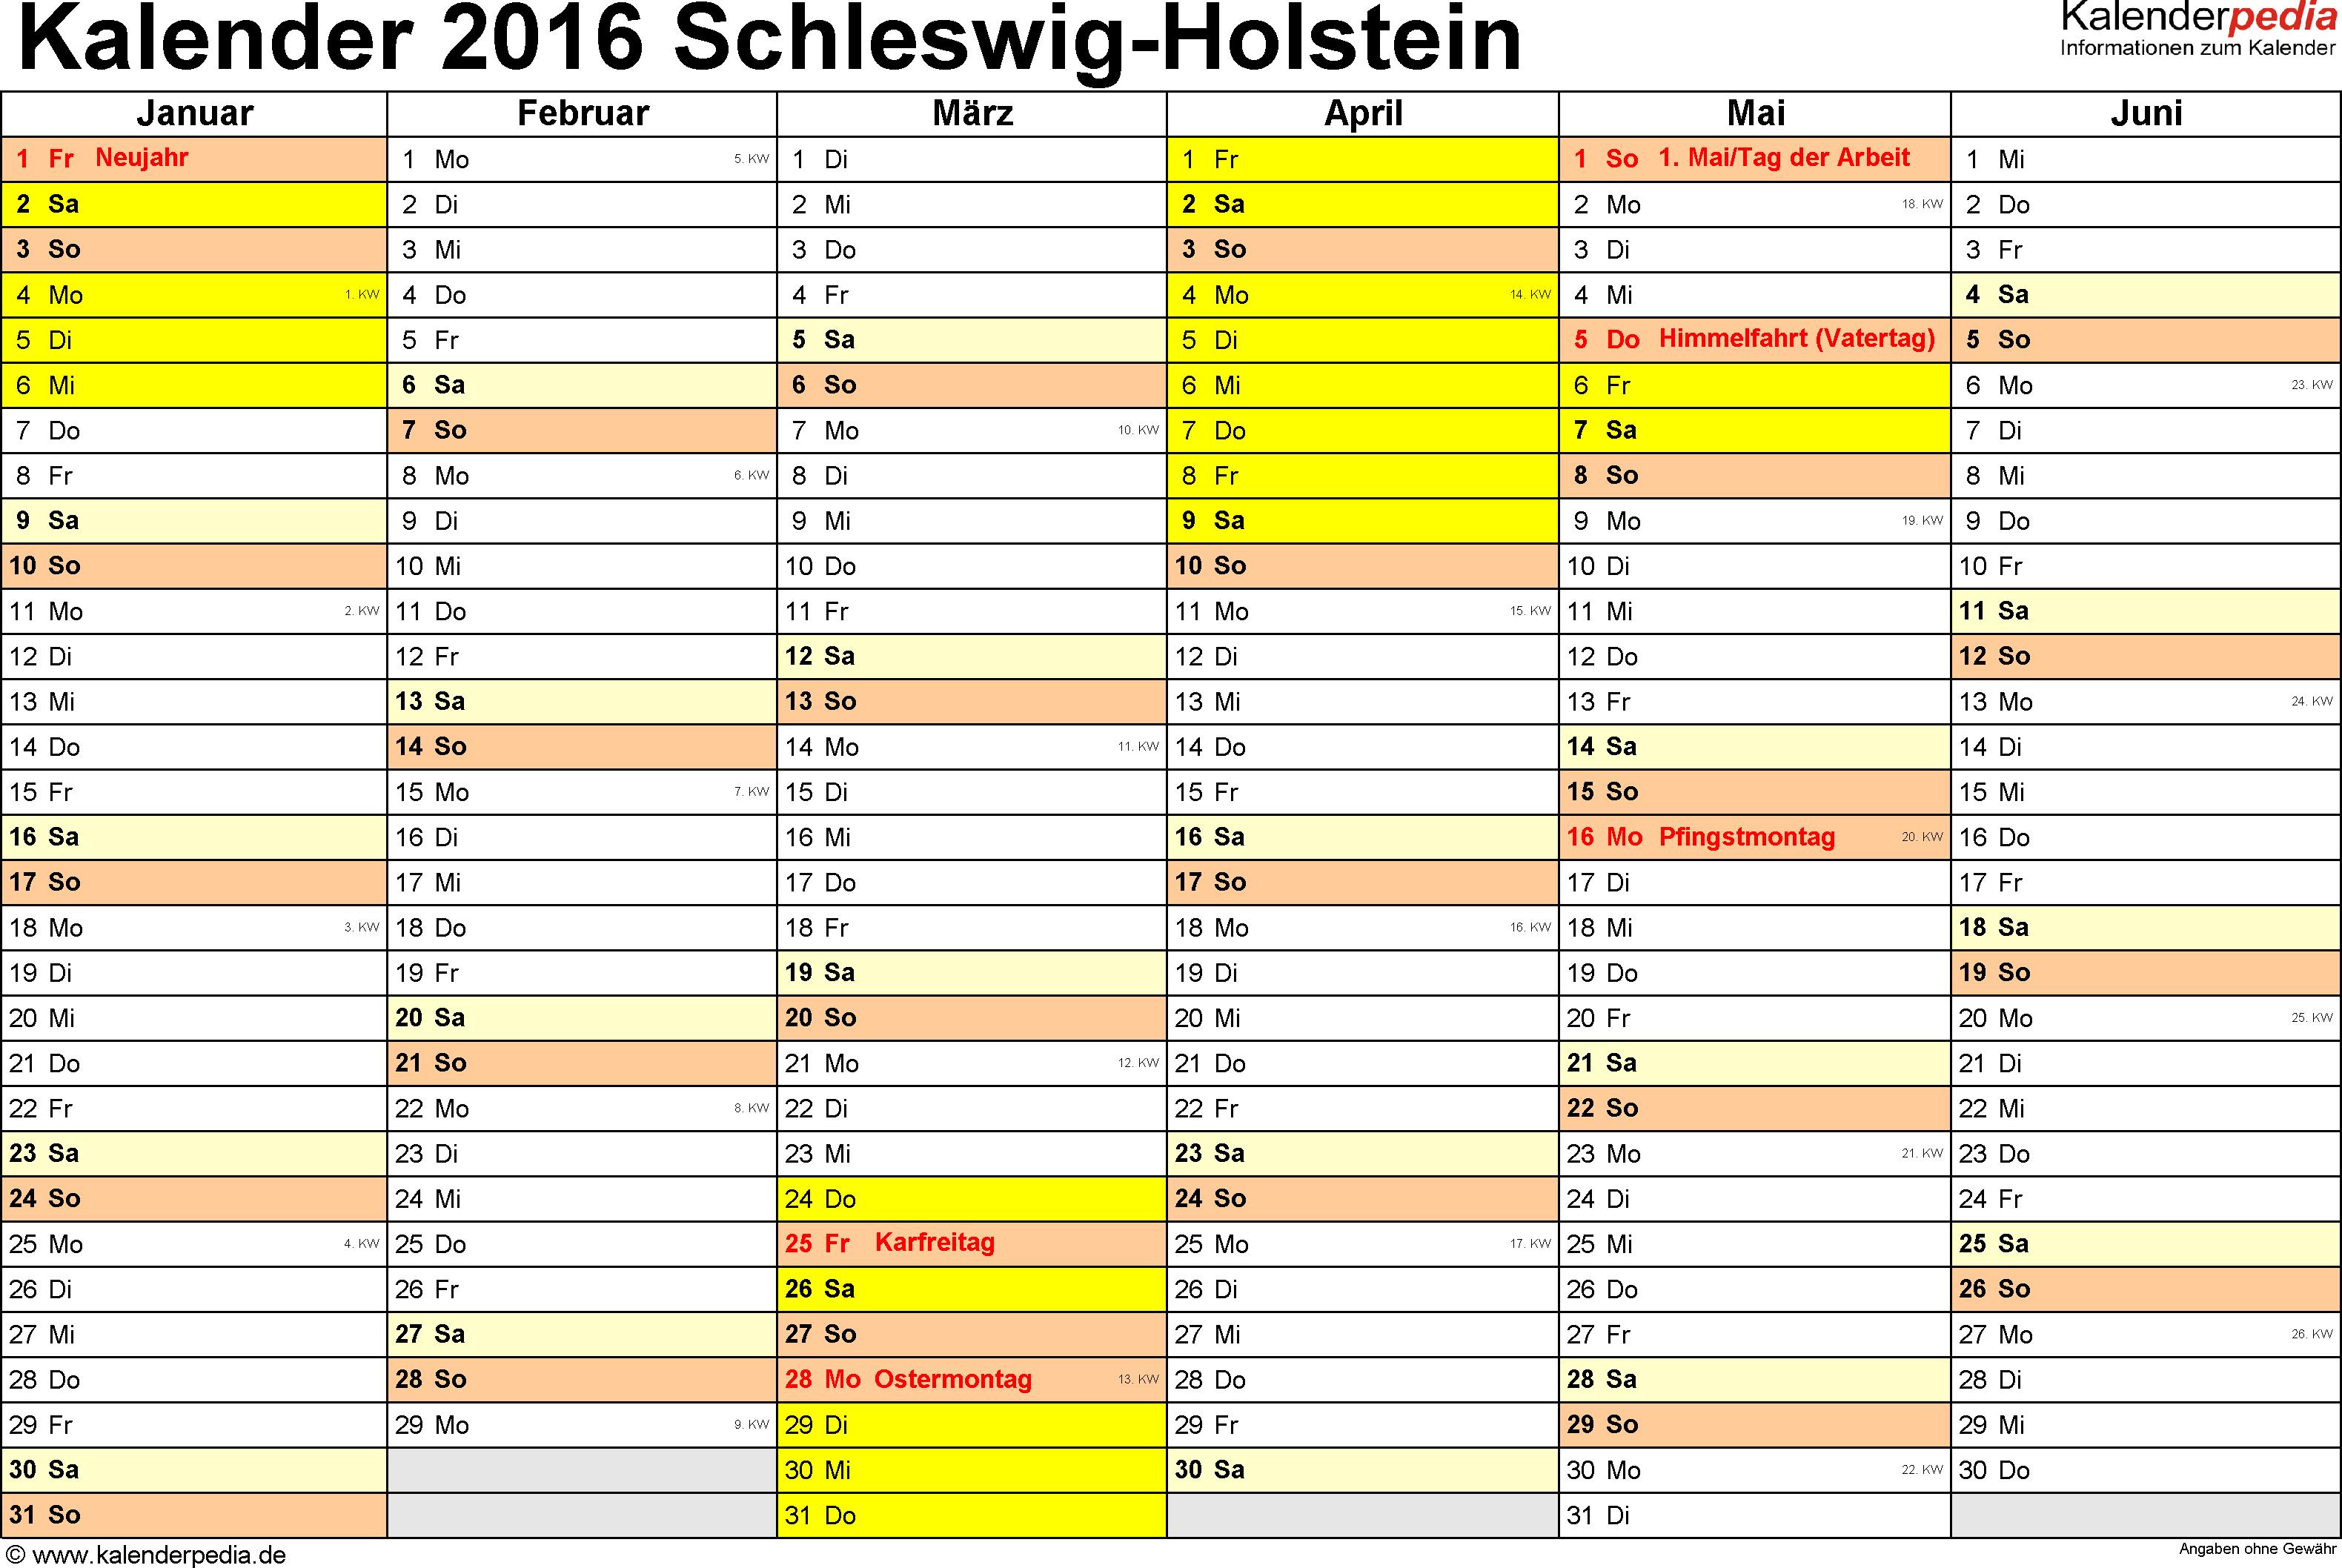 Vorlage 2: Kalender 2016 für Schleswig-Holstein als Word-Vorlagen (Querformat, 2 Seiten)